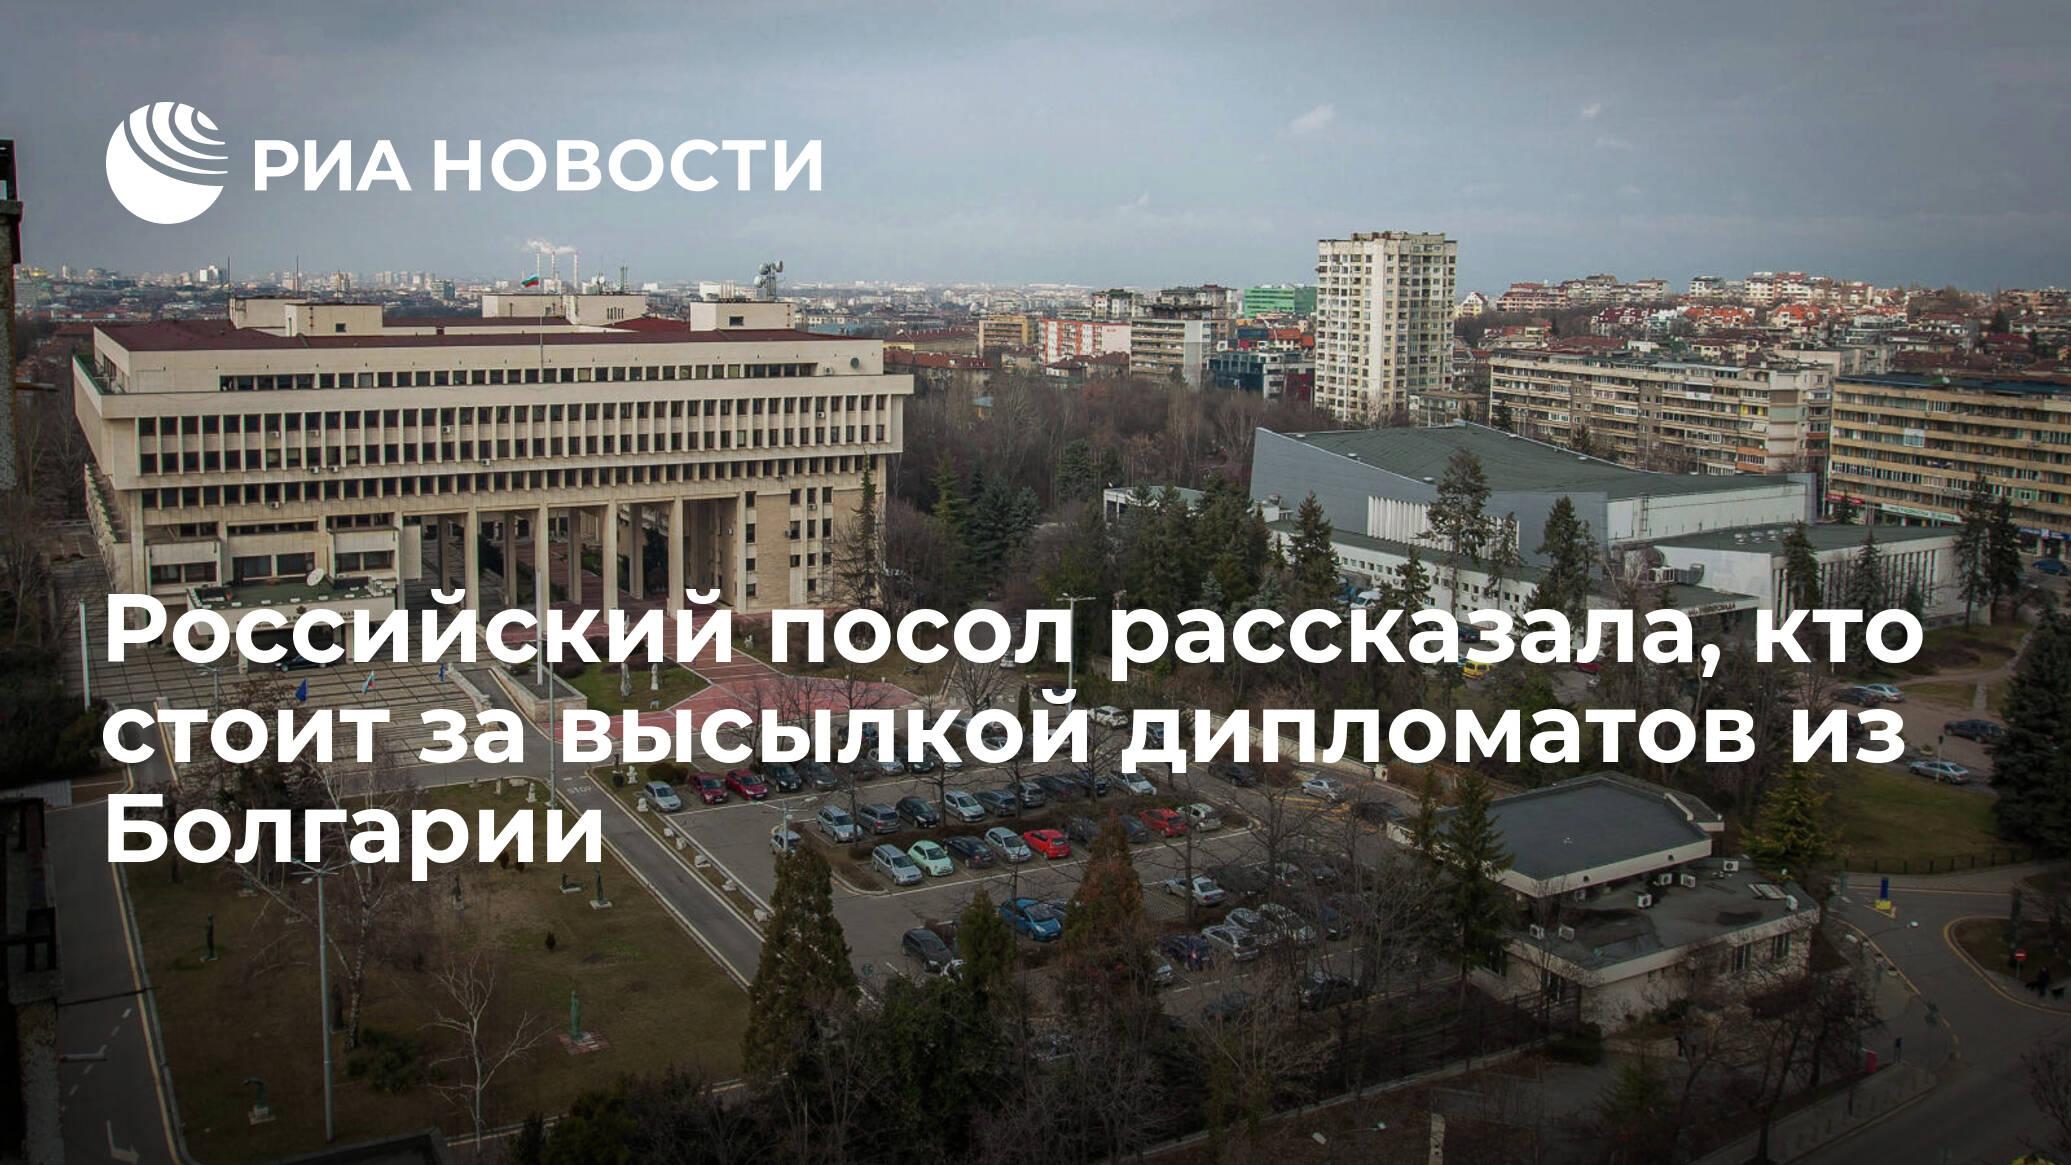 Российский посол рассказала, кто стоит за высылкой дипломатов из Болгарии